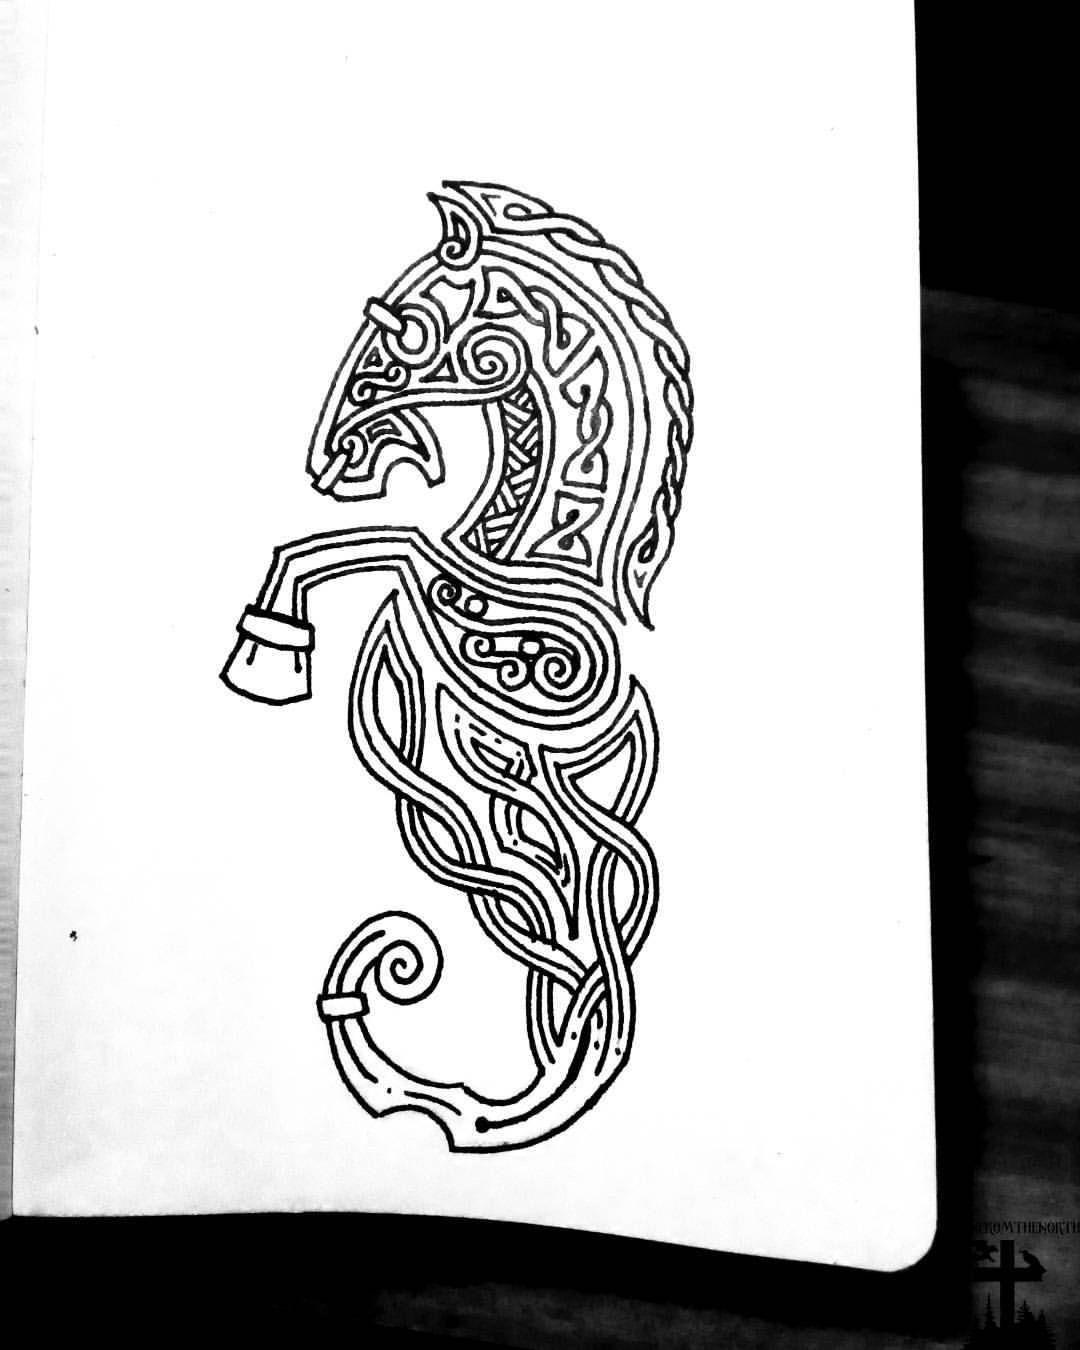 Pin by Branislav Jovanović on Tattoos in 2020   Celtic ...